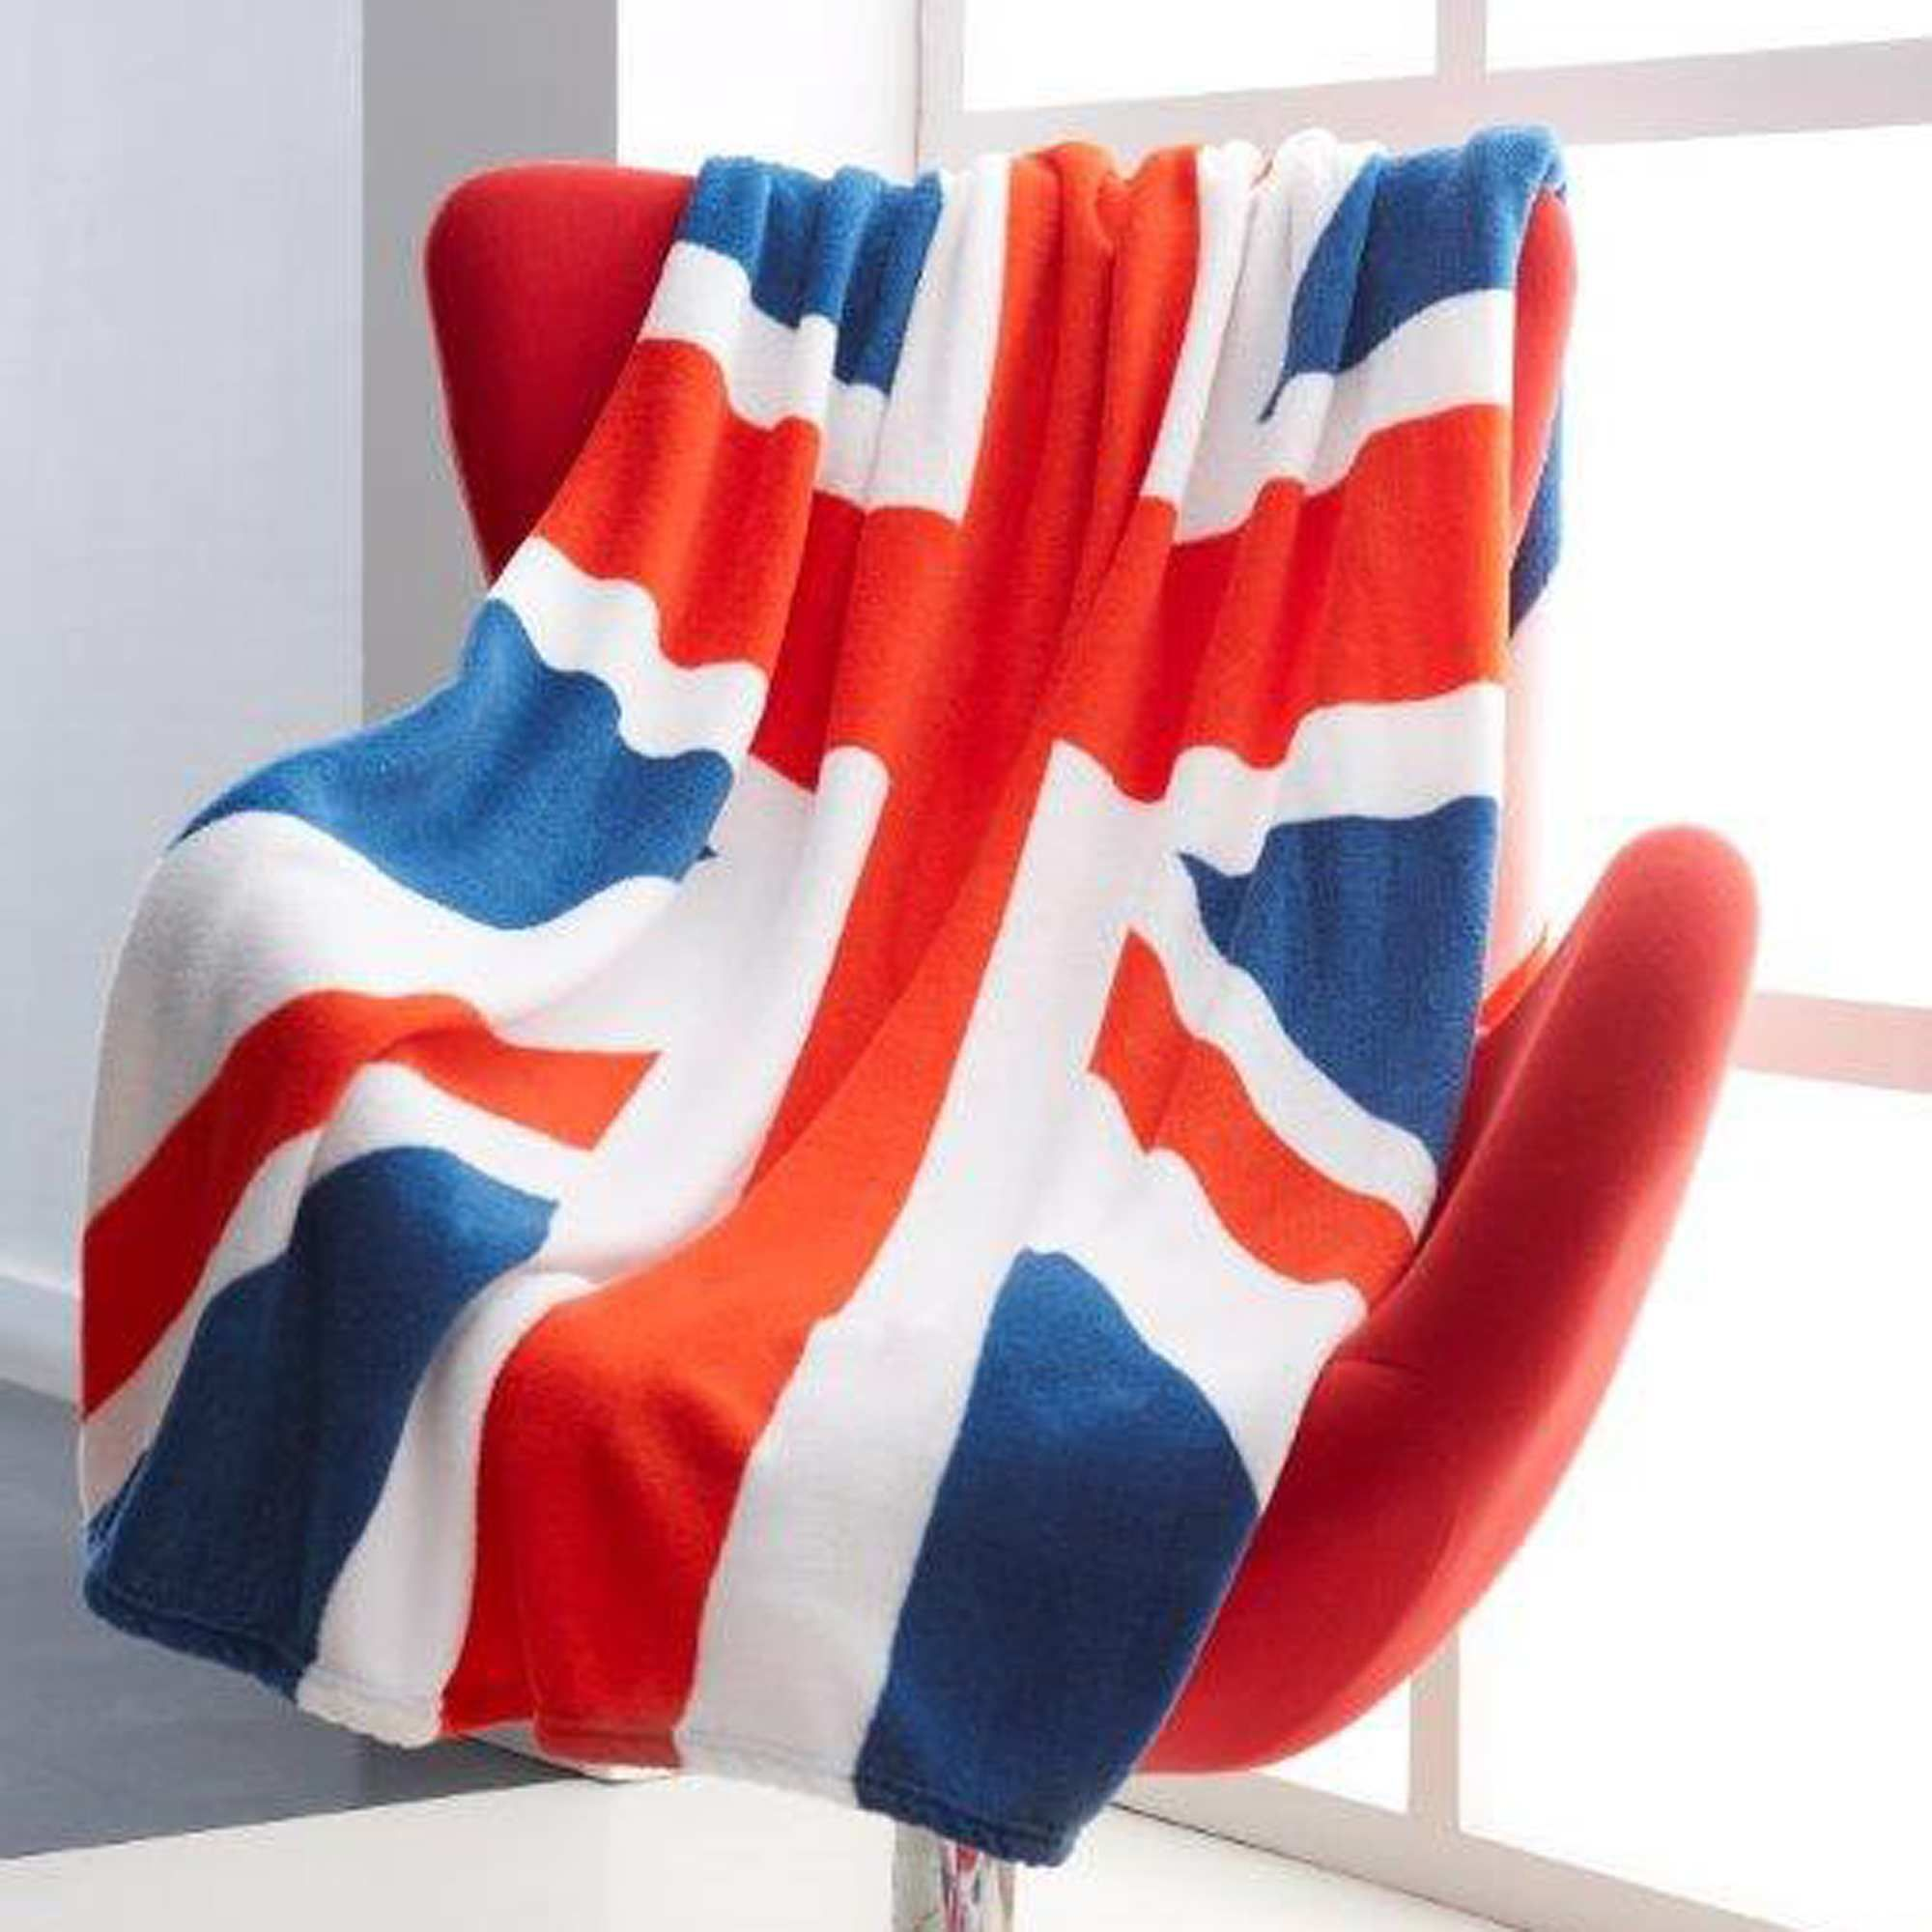 linge de lit union jack Plaid polaire imprimée uk bleu/blanc/rouge Linge de lit | HoMe  linge de lit union jack